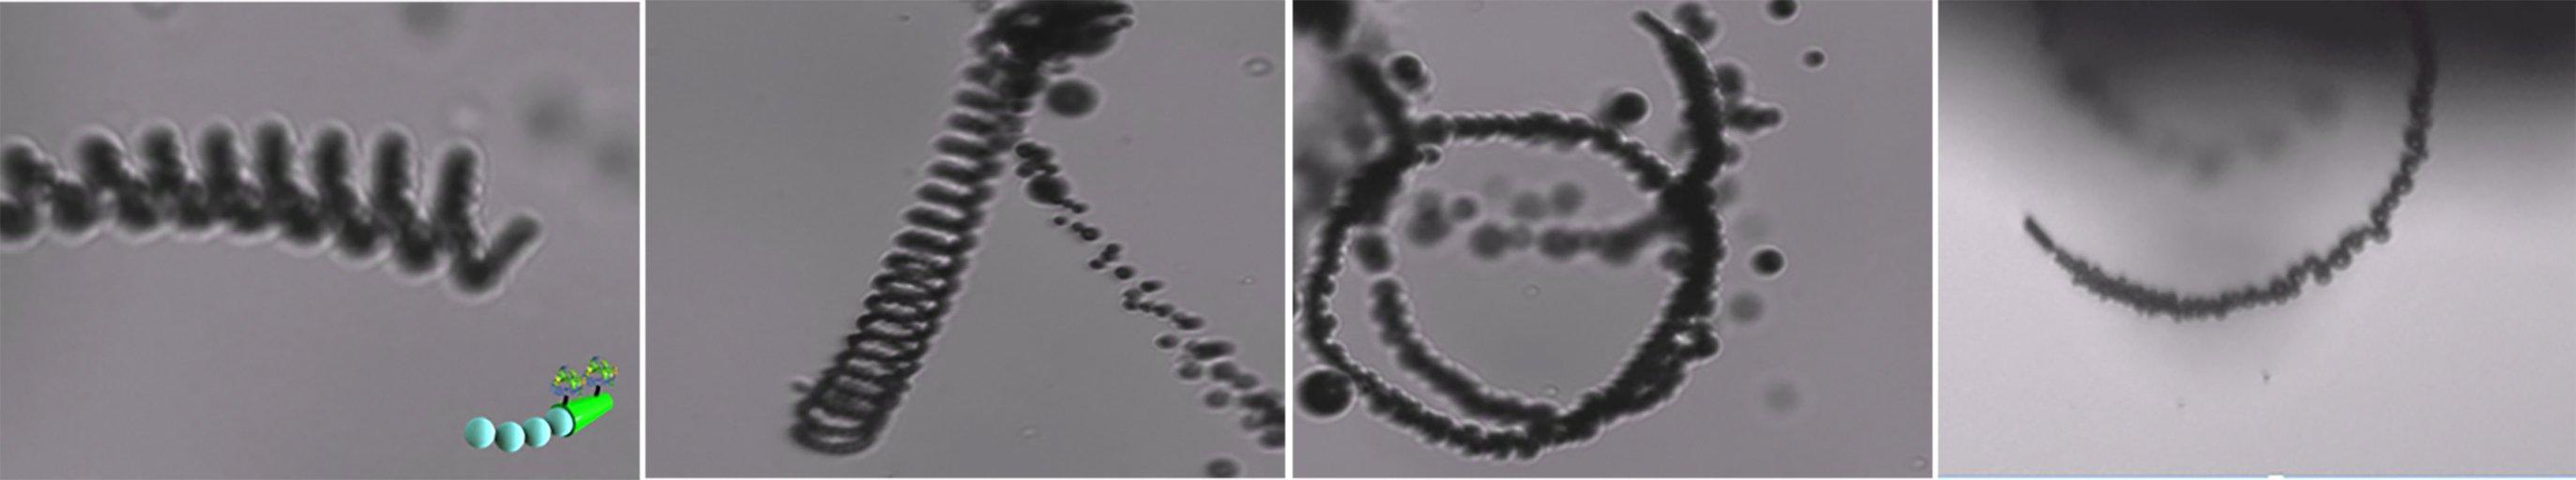 Aufnahmen der Mikroroboter im Wasser: Im Test entfernten die Katalysatoren rund 90 % des gelösten CO2.